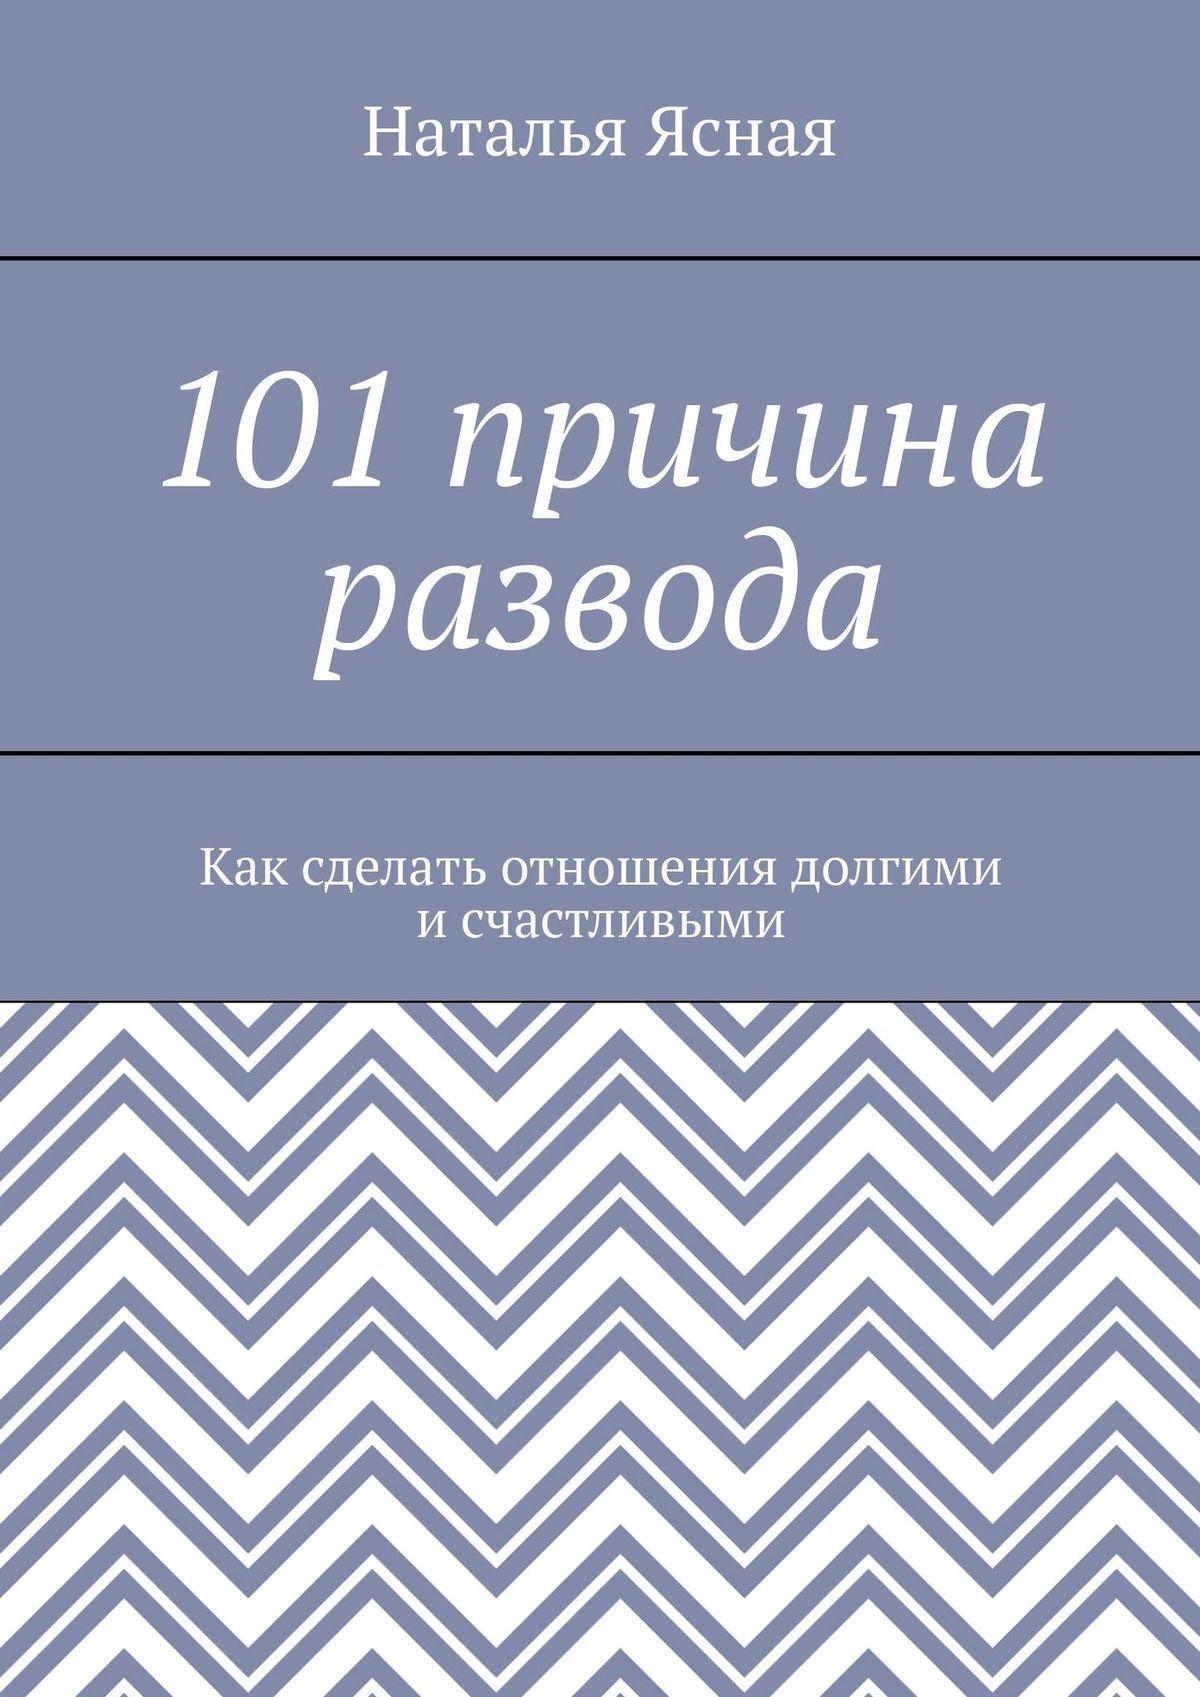 Наталья Ясная 101 причина развода. Как сделать отношения долгими и счастливыми